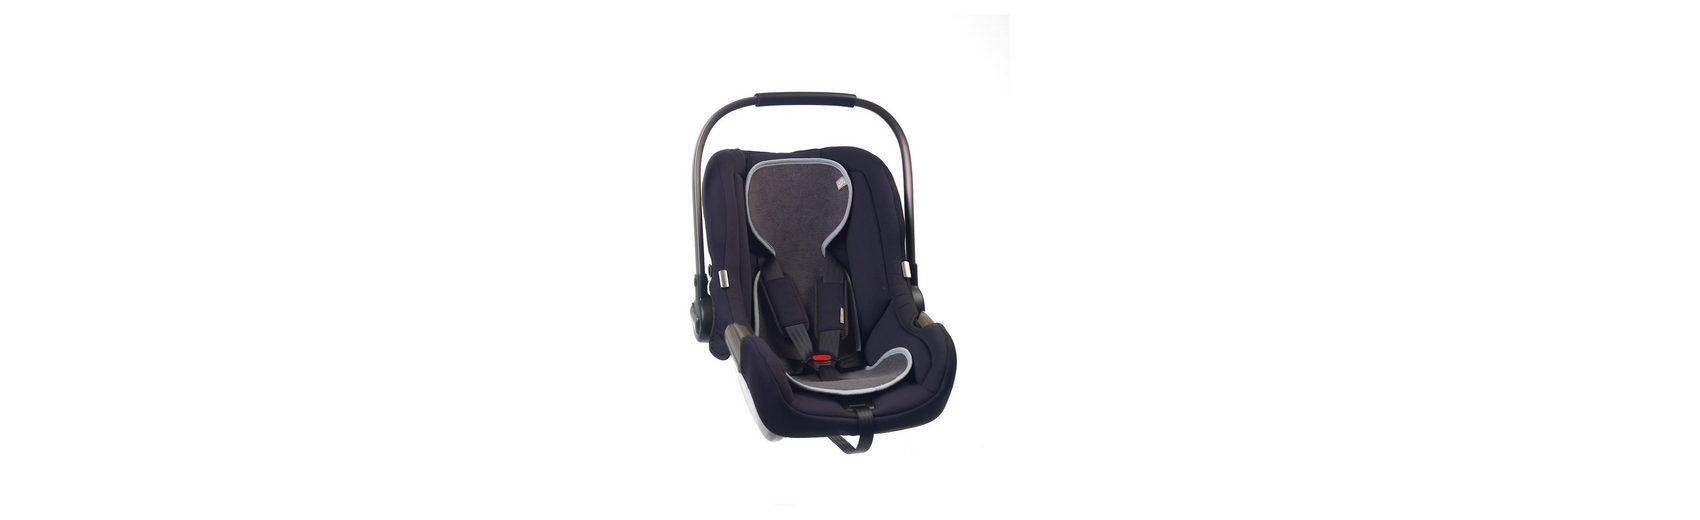 Sitzeinlage AeroMoov air layer für Babyschale, anthrazit